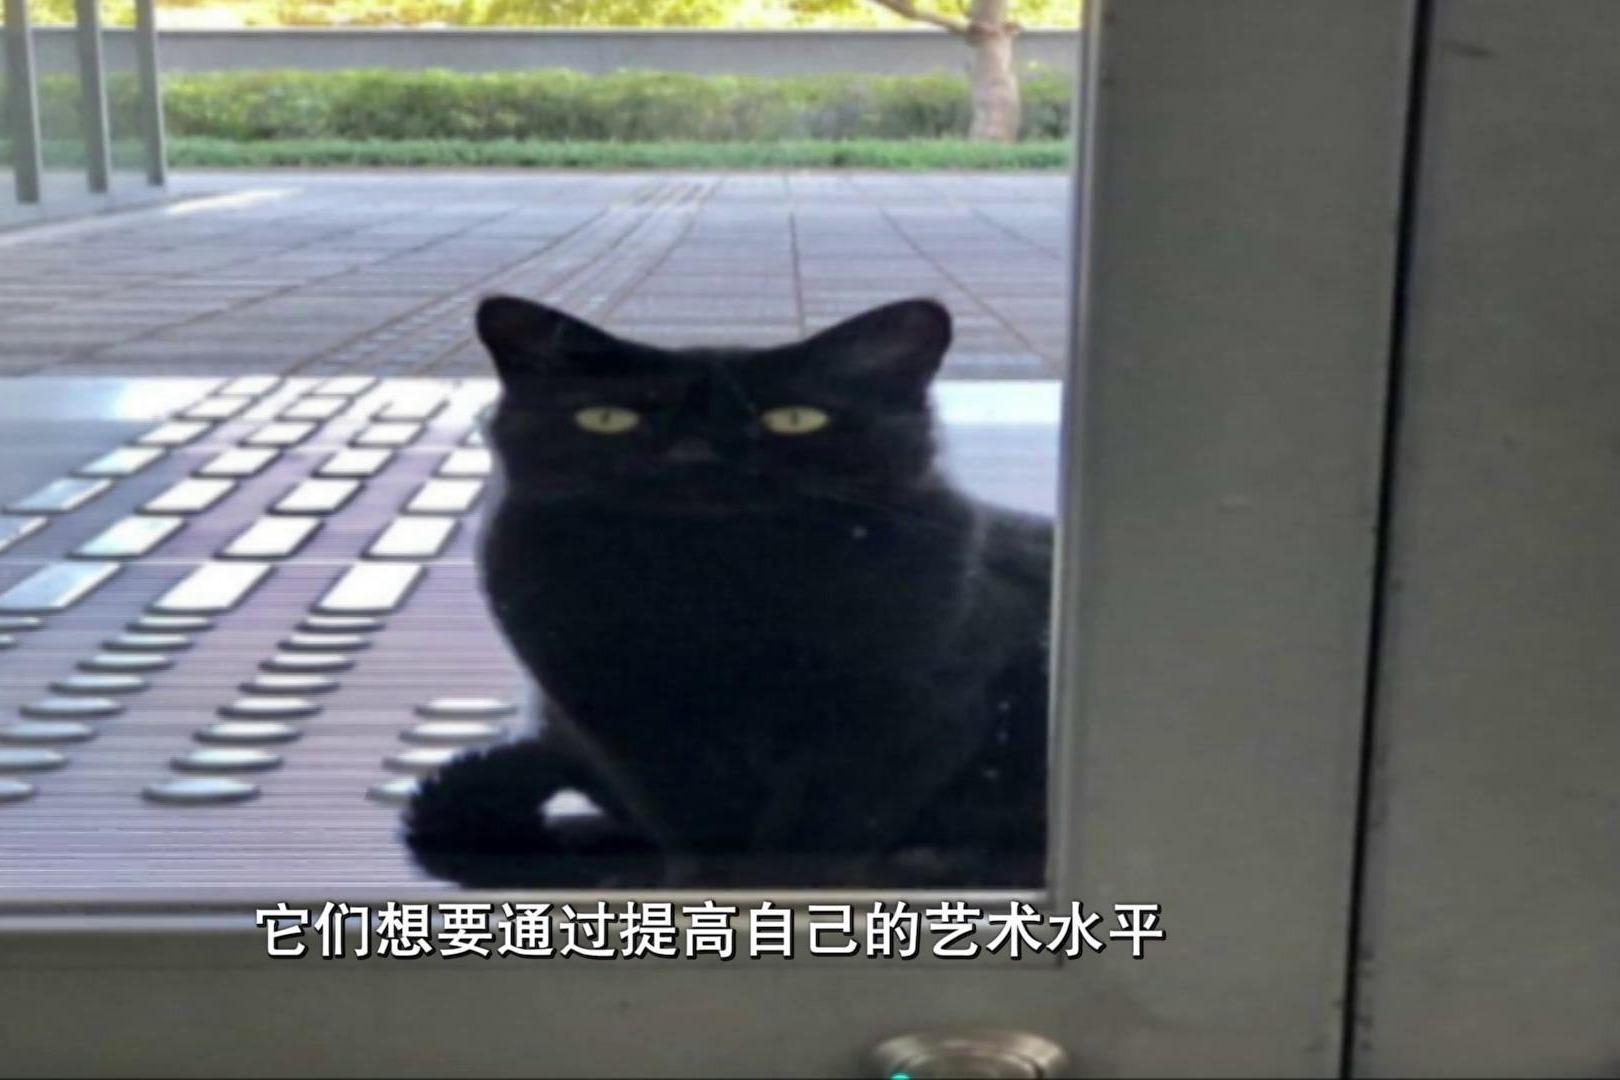 日本有两只文艺猫咪 比人类还有毅力